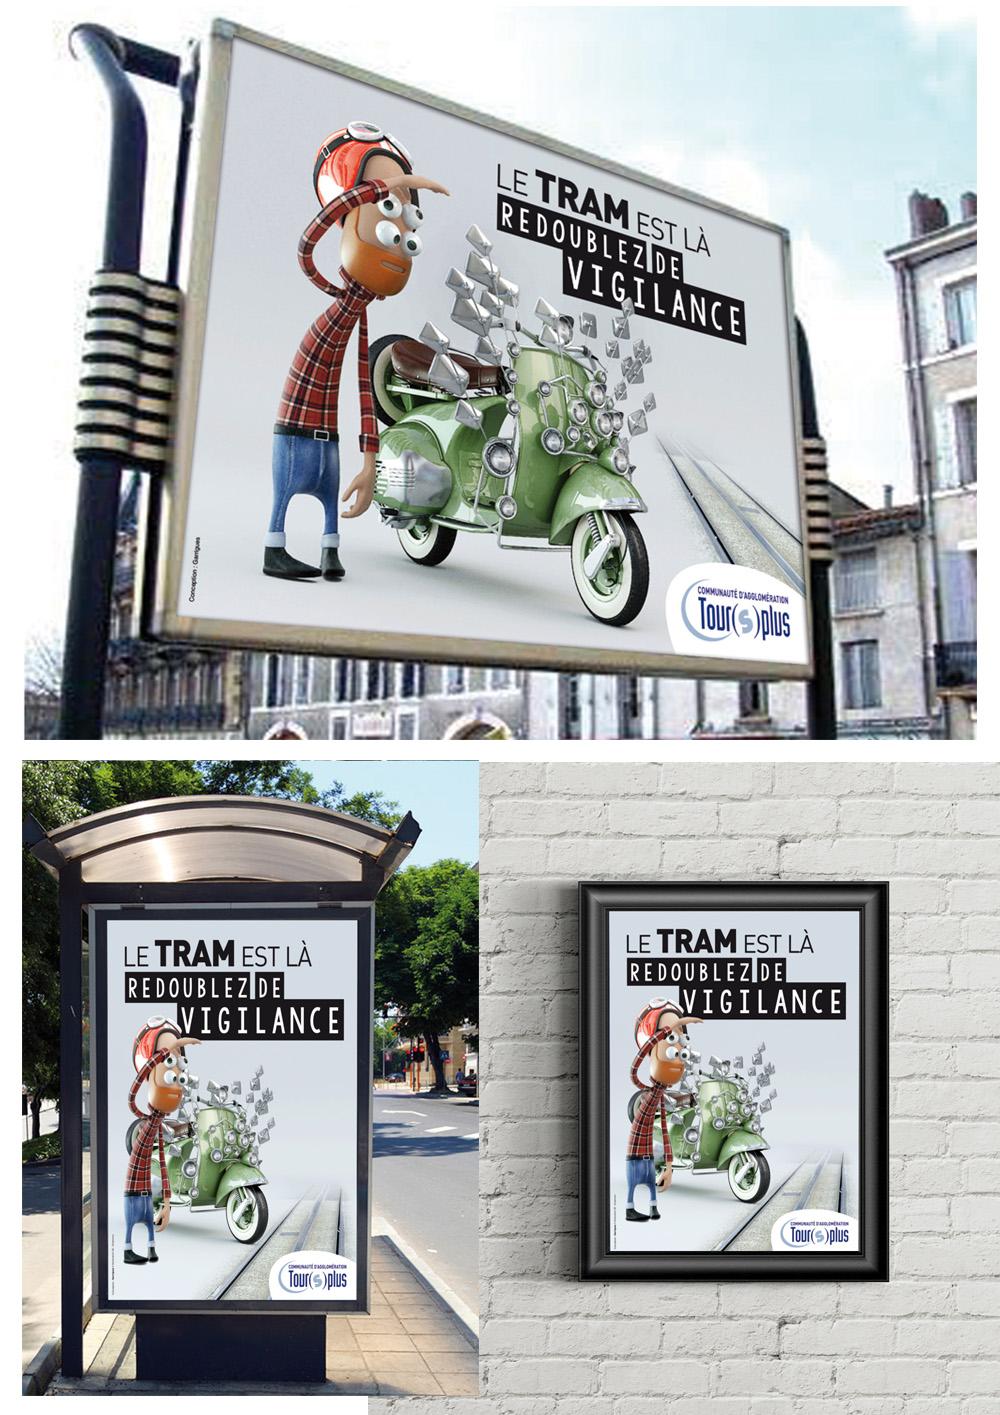 Conception d'une campagne globale de prévention pour le Tram de Tours